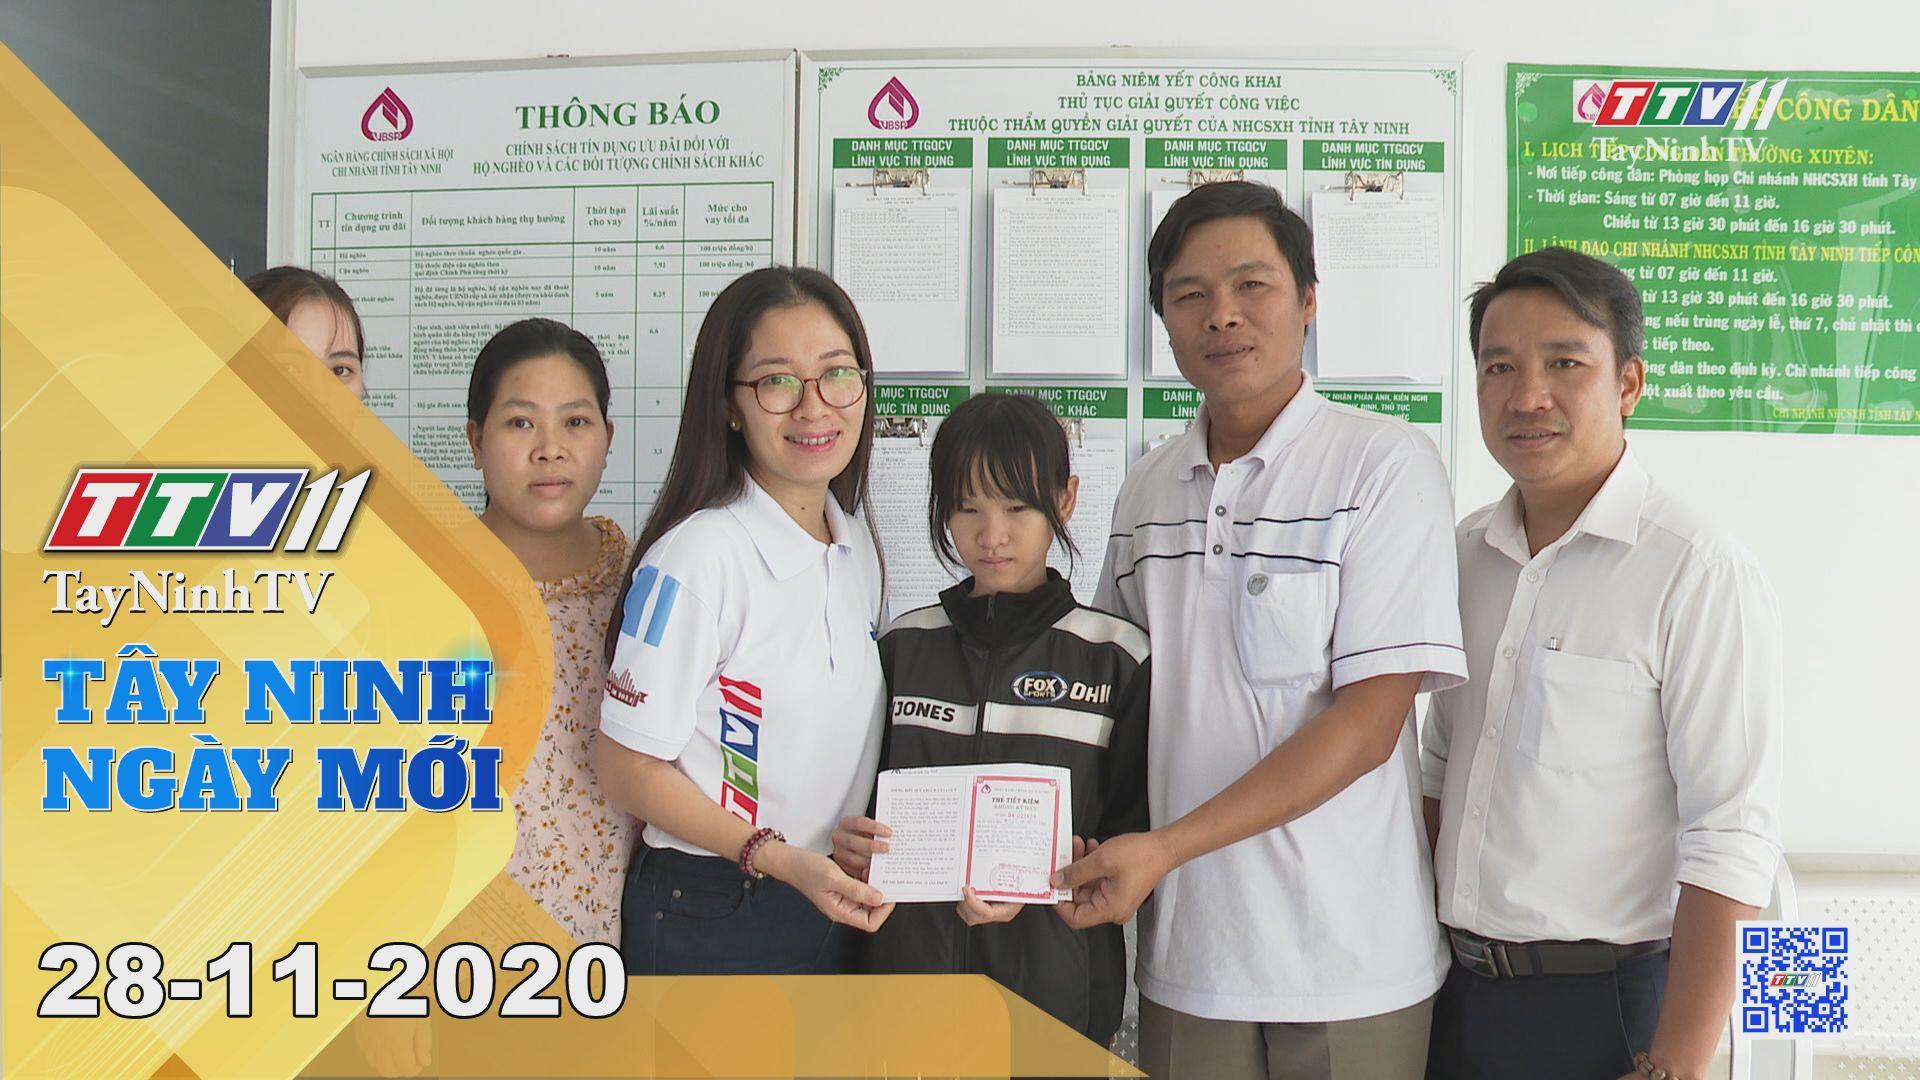 Tây Ninh Ngày Mới 28-11-2020 | Tin tức hôm nay | TayNinhTV